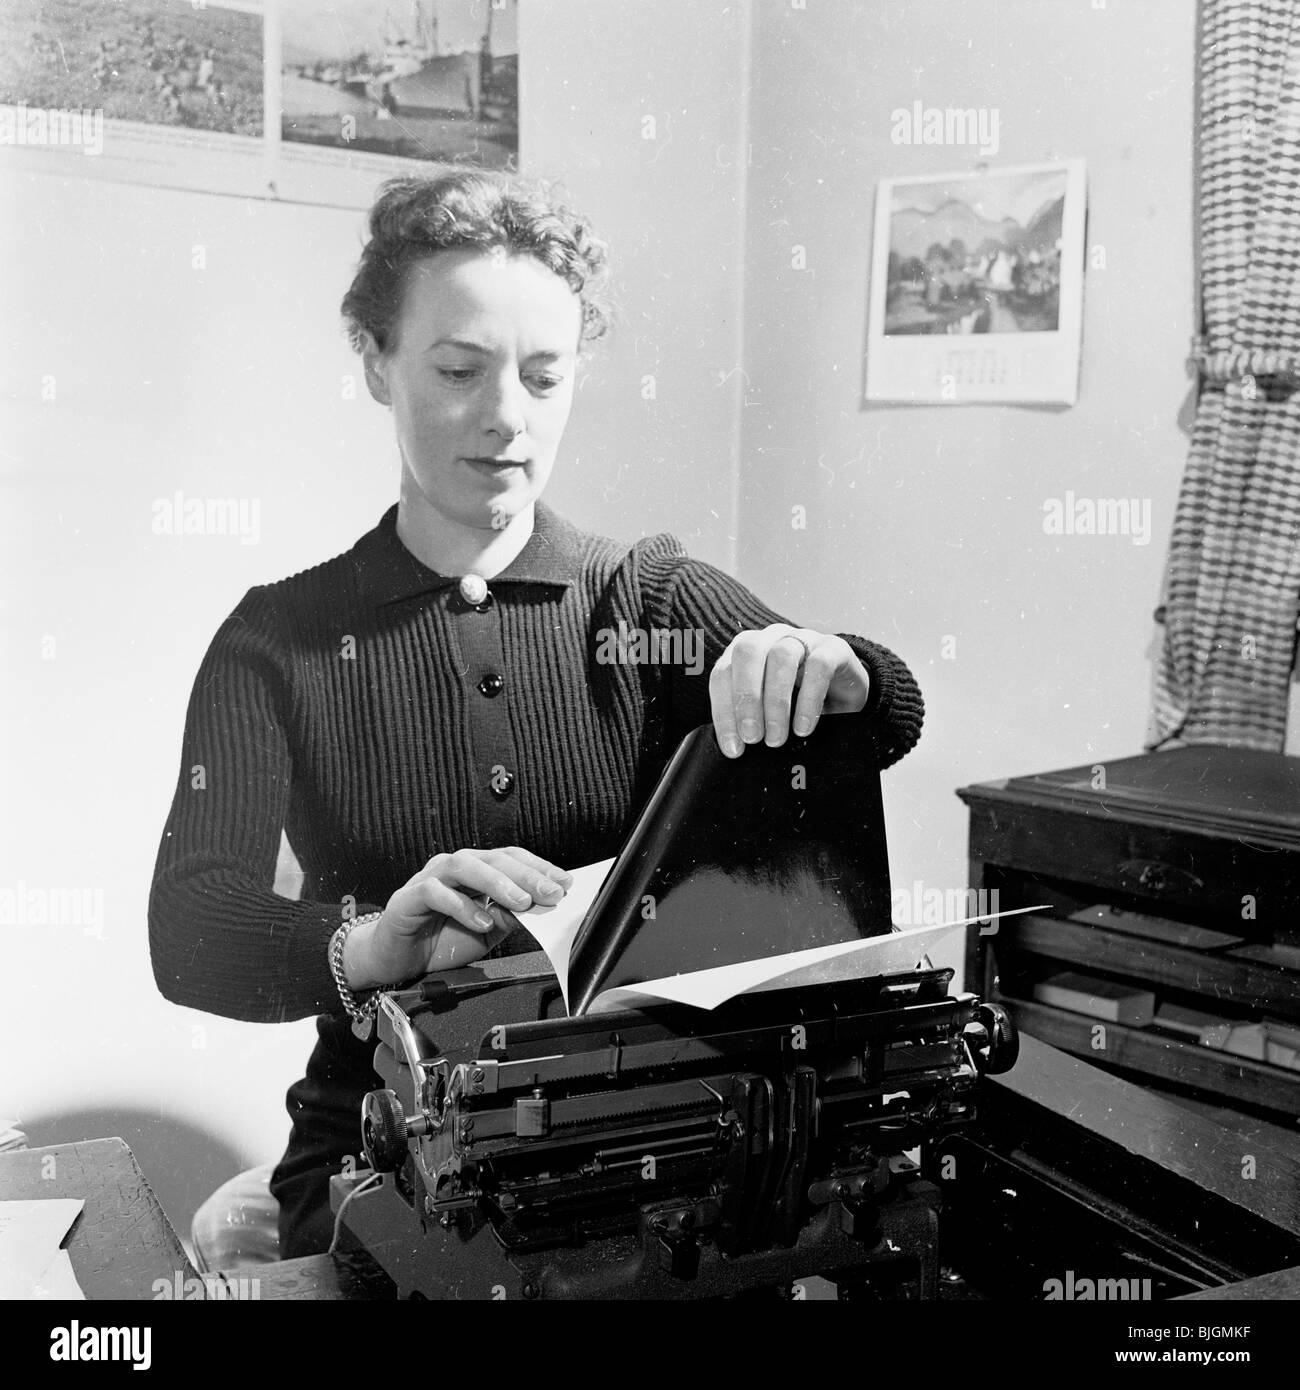 Typewriter 1950s Stock Photos Amp Typewriter 1950s Stock